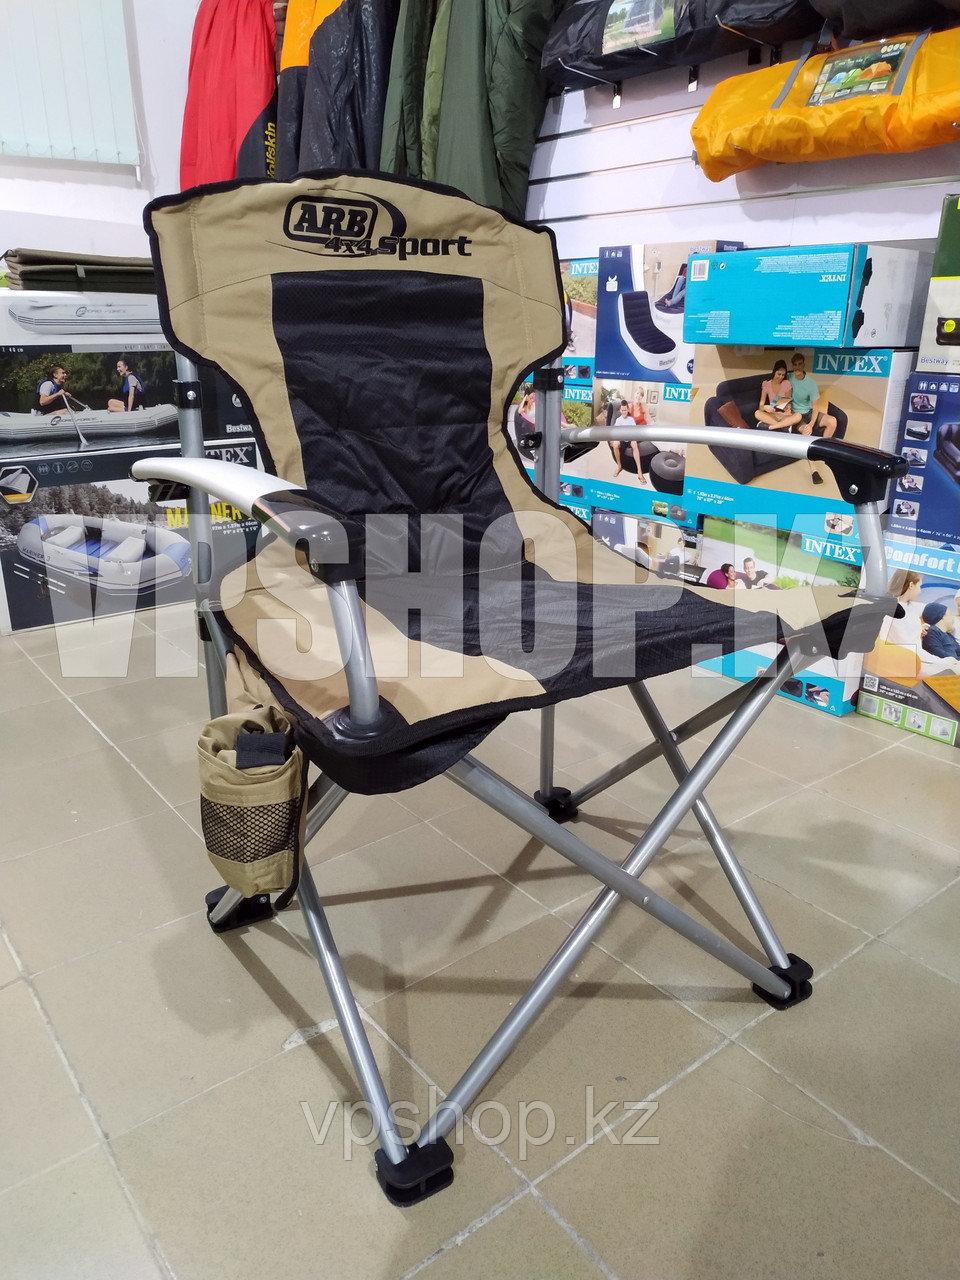 Складной стул туристический ARB-sport, складное кресло, доставка